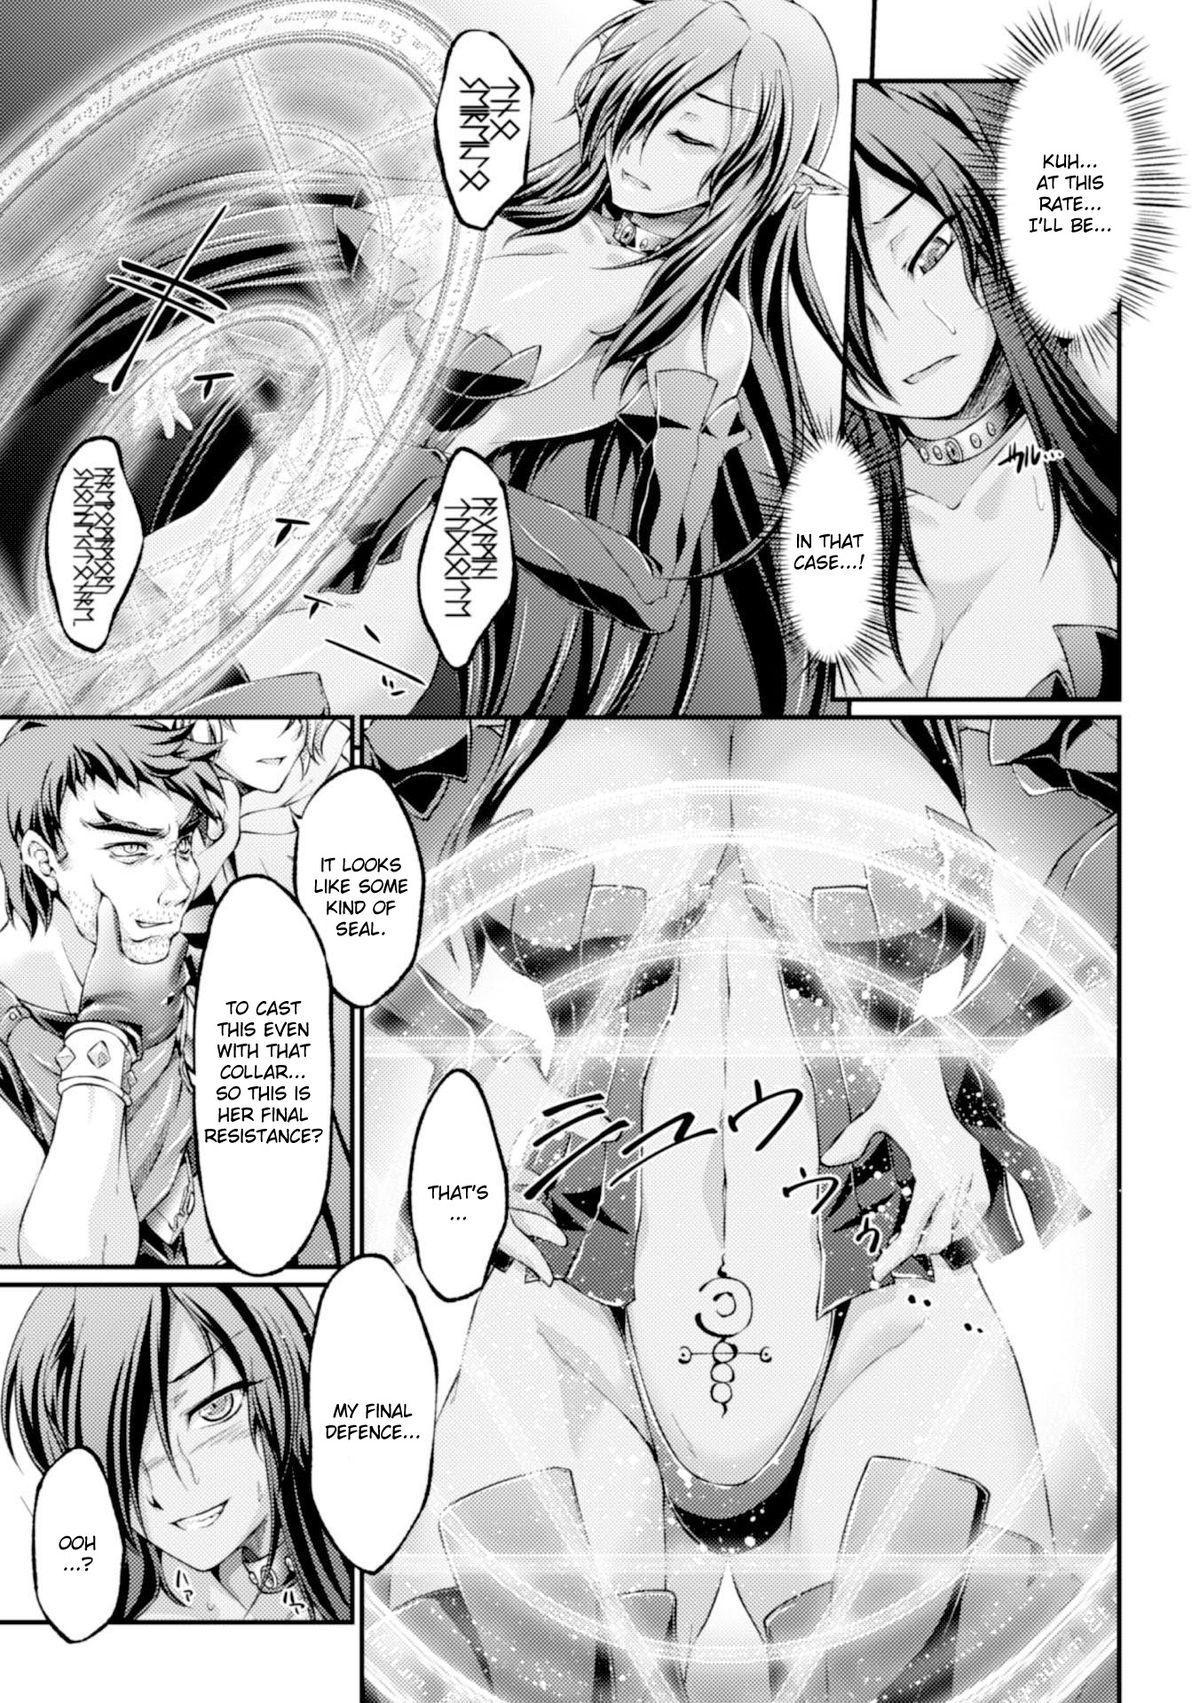 [Ootsuki Wataru] Kuroinu ~Kedakaki Seijo wa Hakudaku ni Somaru~ THE COMIC Chapters 1-5 [English] {Kizlan} [Digital] 4